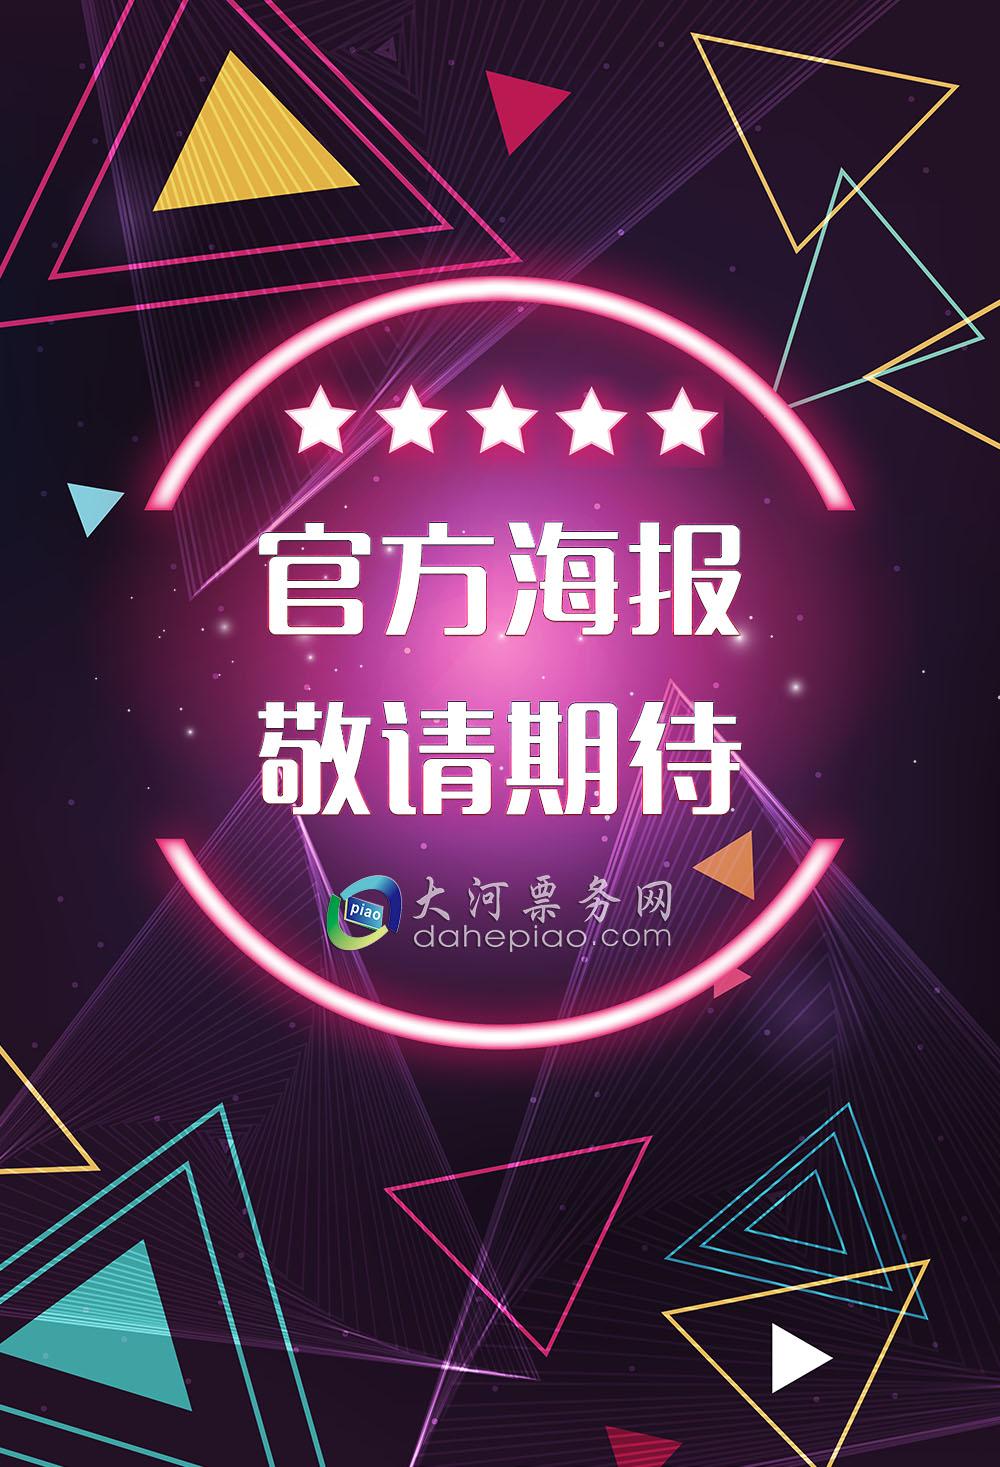 刘德华世界巡回演唱会郑州站